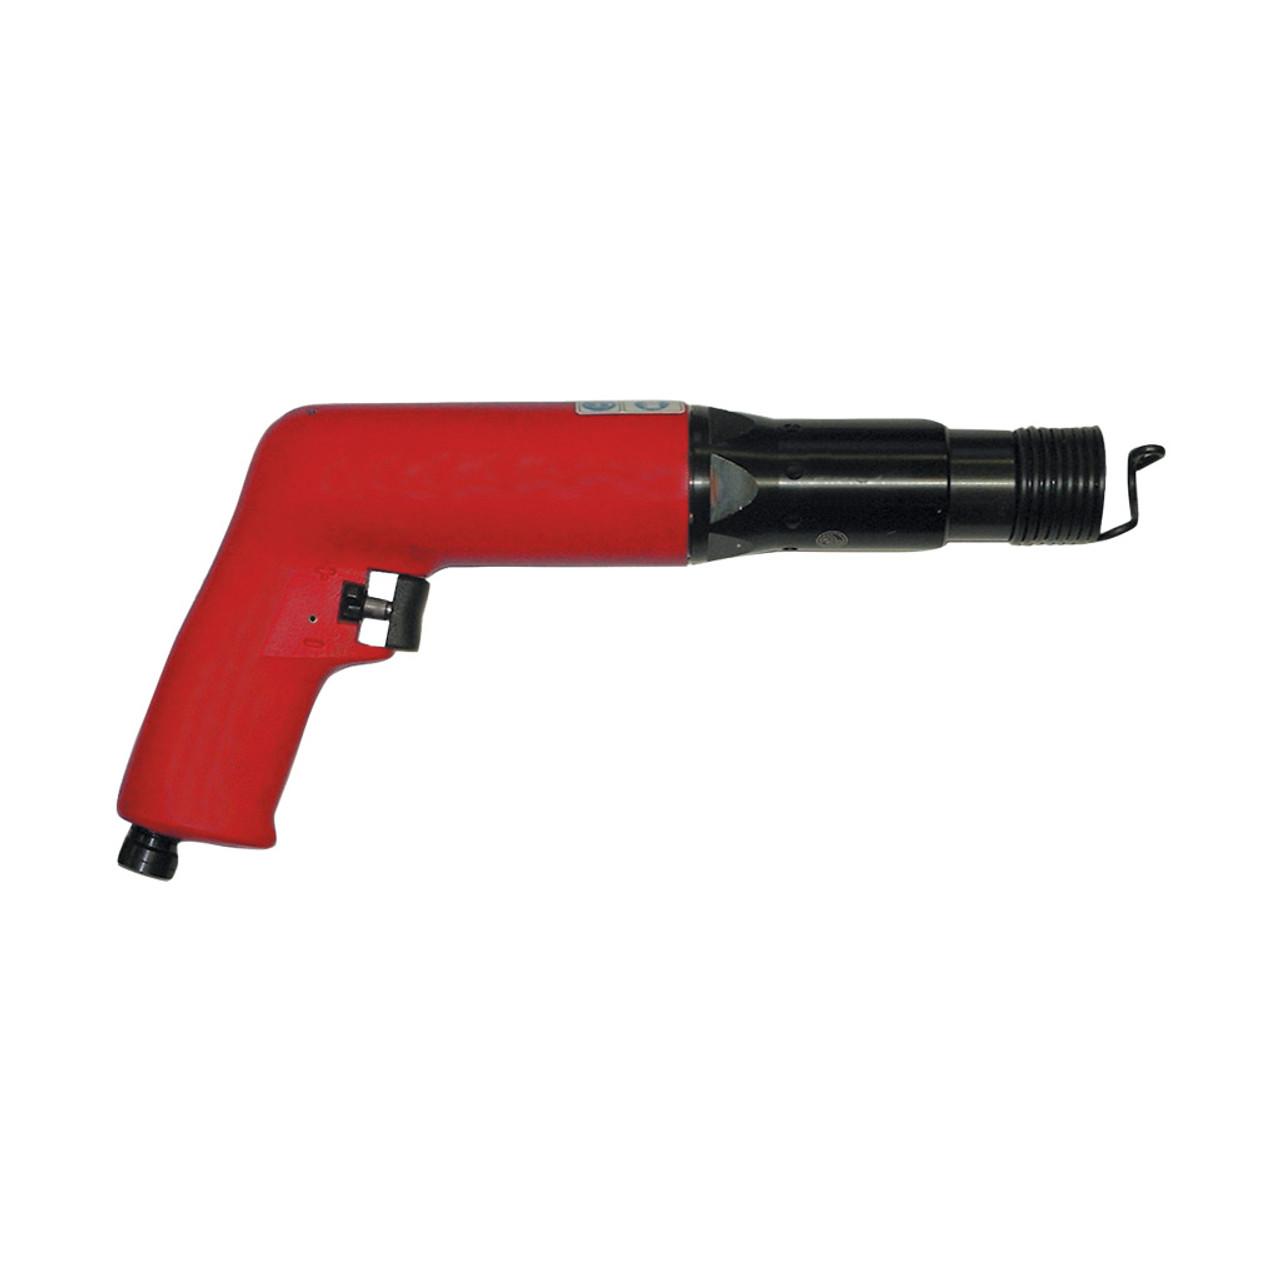 Desoutter CP4475-6 Rivet Hammer - Industrial Duty